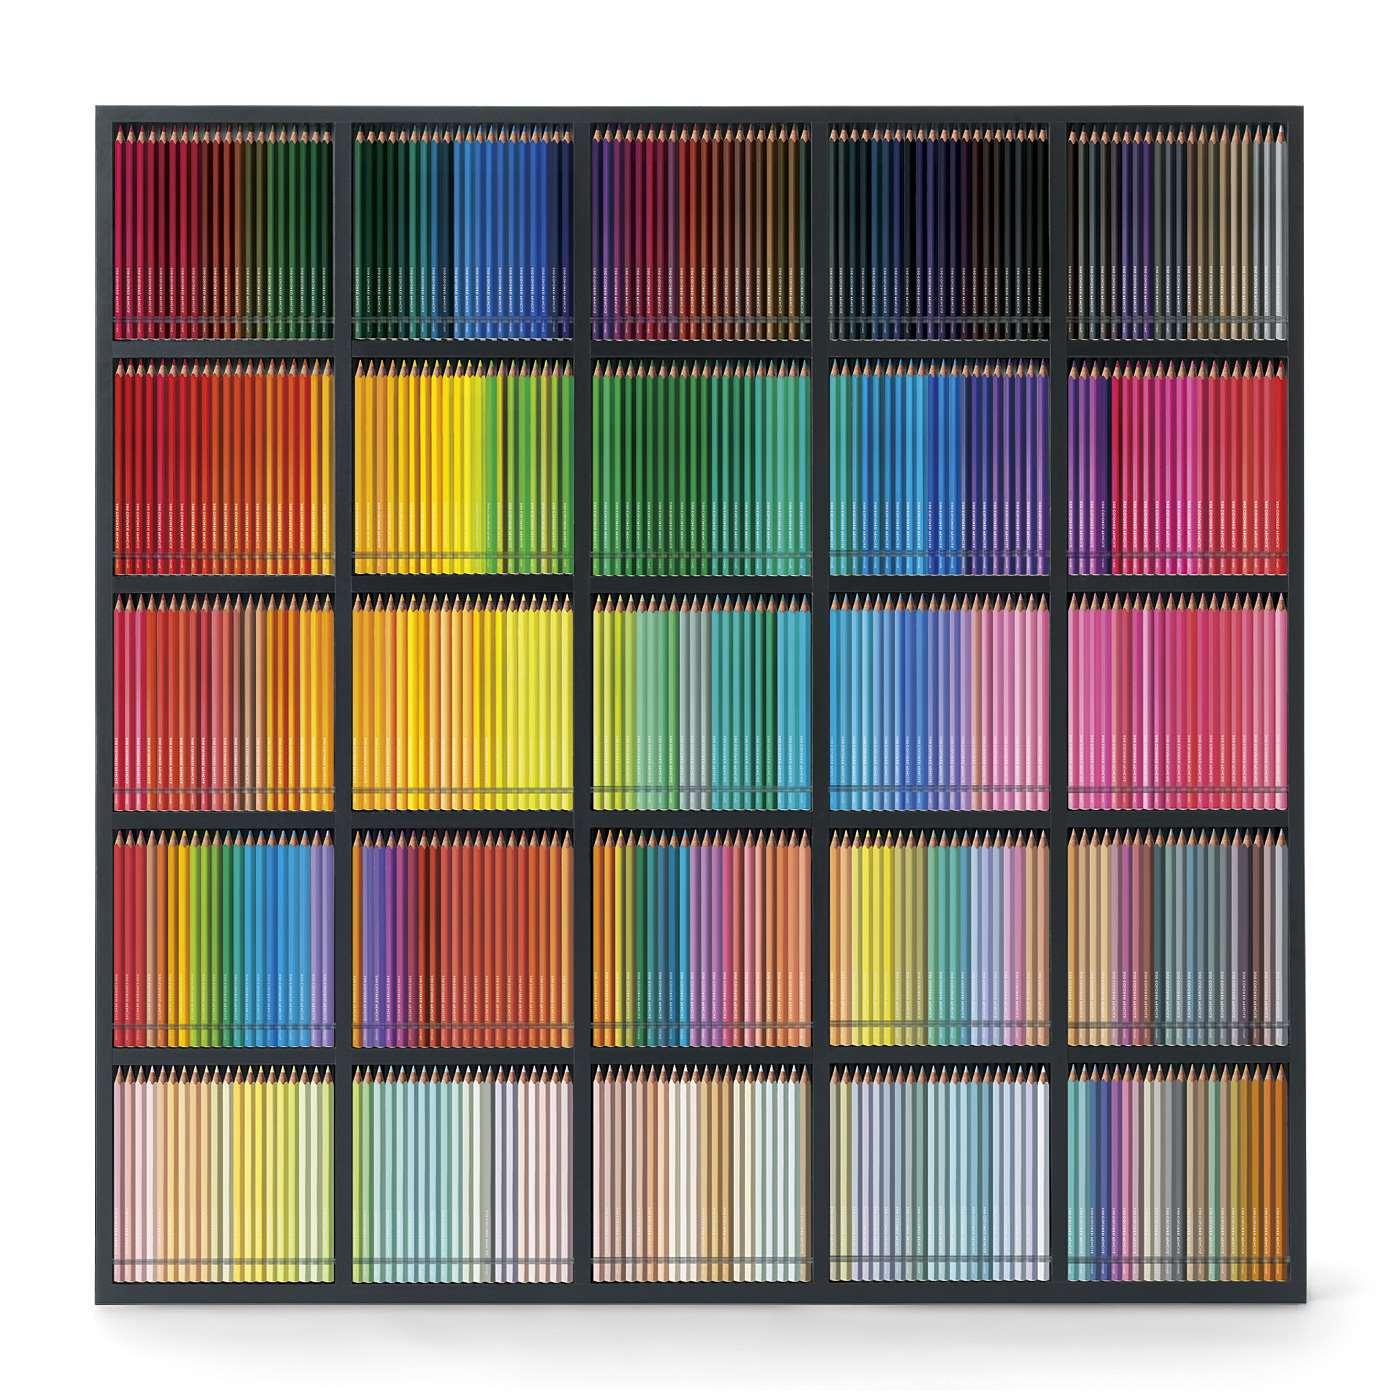 並べ方は自由。500色をお好きなレイアウトで並べてくださいね。